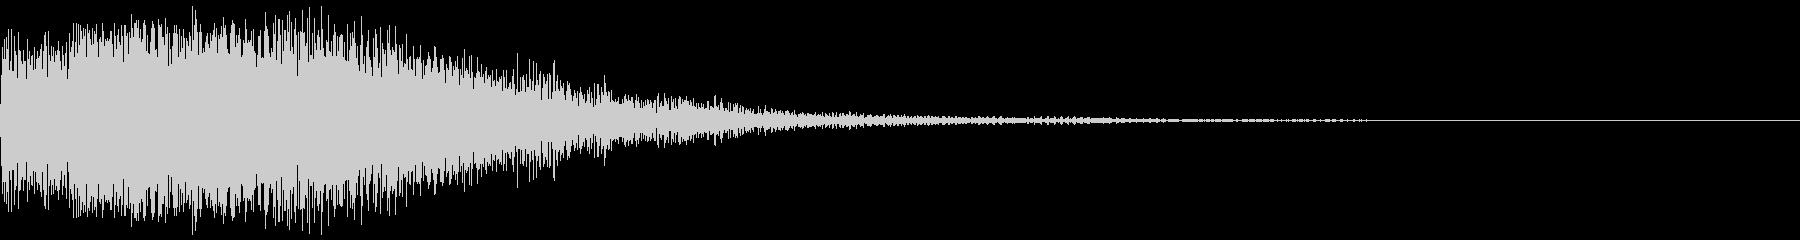 【インパクト】衝撃的な場面のSEの未再生の波形